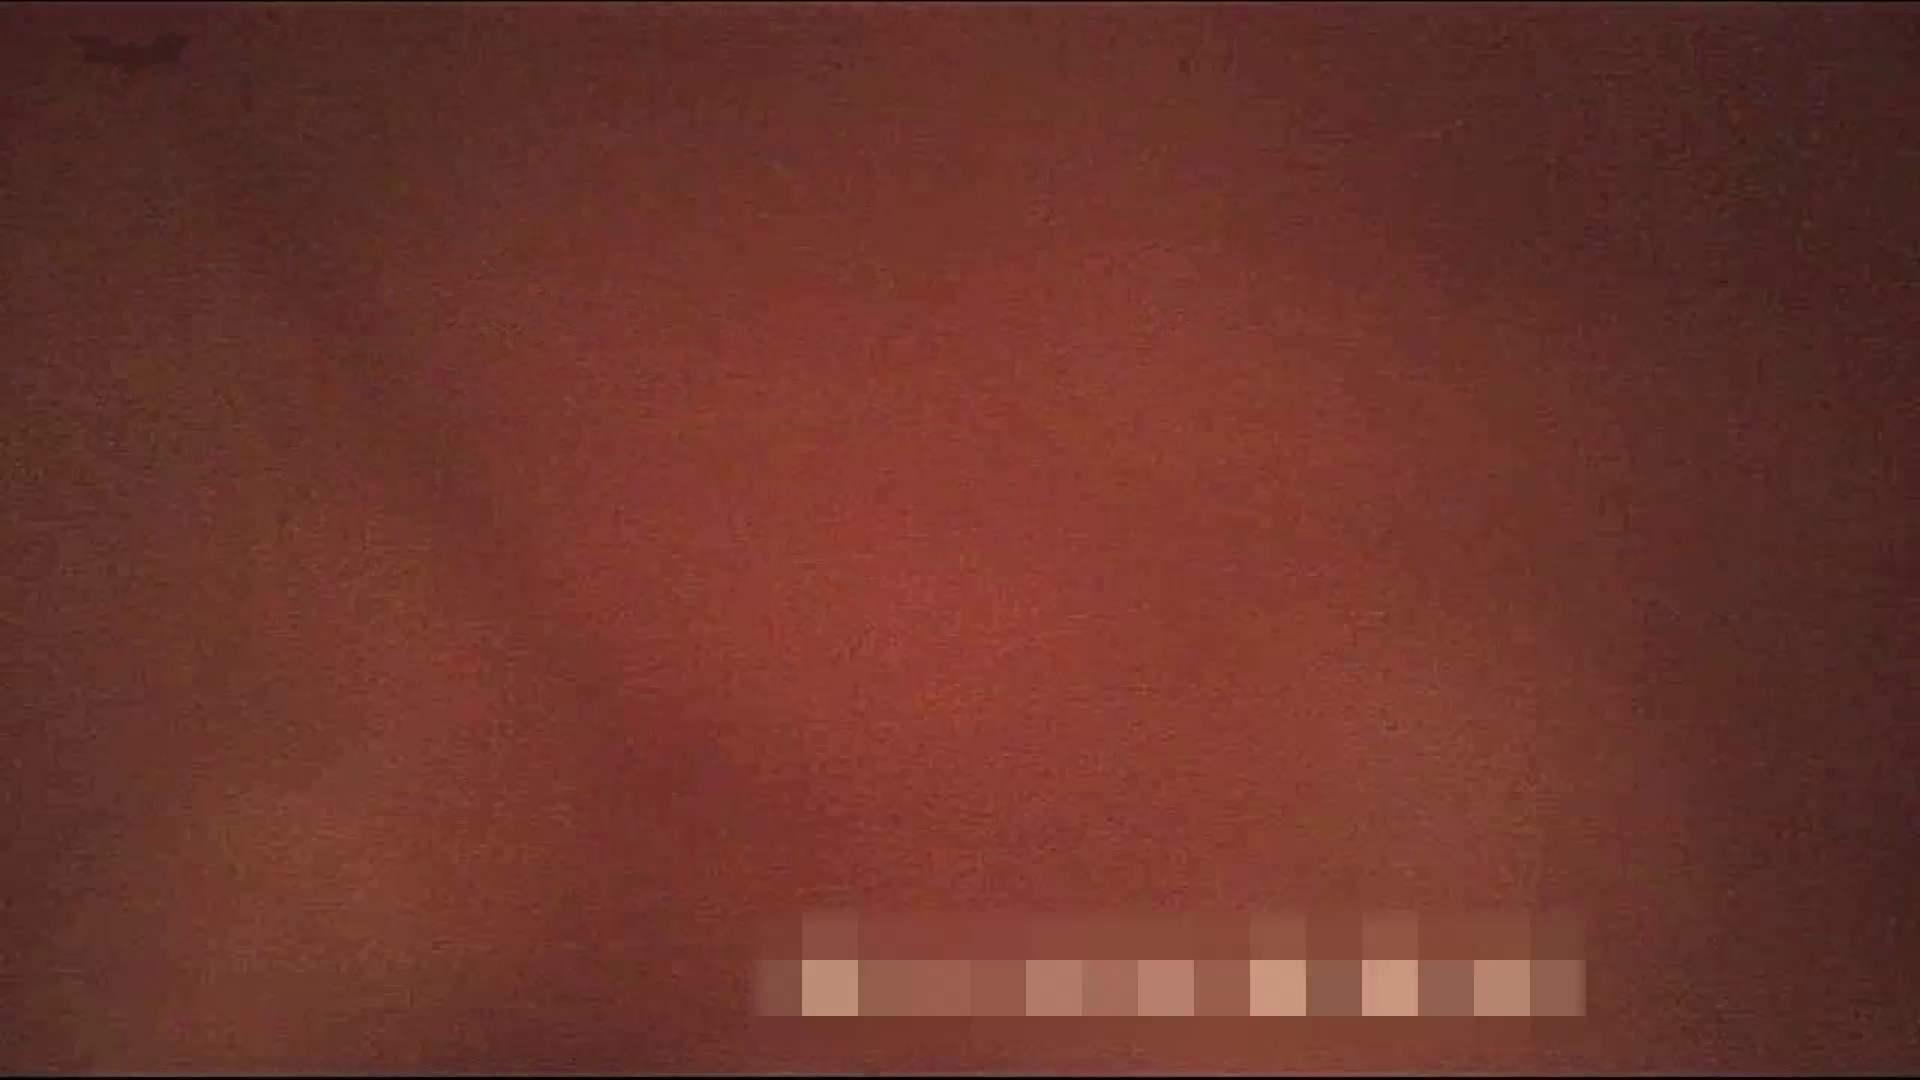 爆乳!!教育学部 じゅんちゃん  Vol.31 脱衣編 OLのボディ  89PIX 10